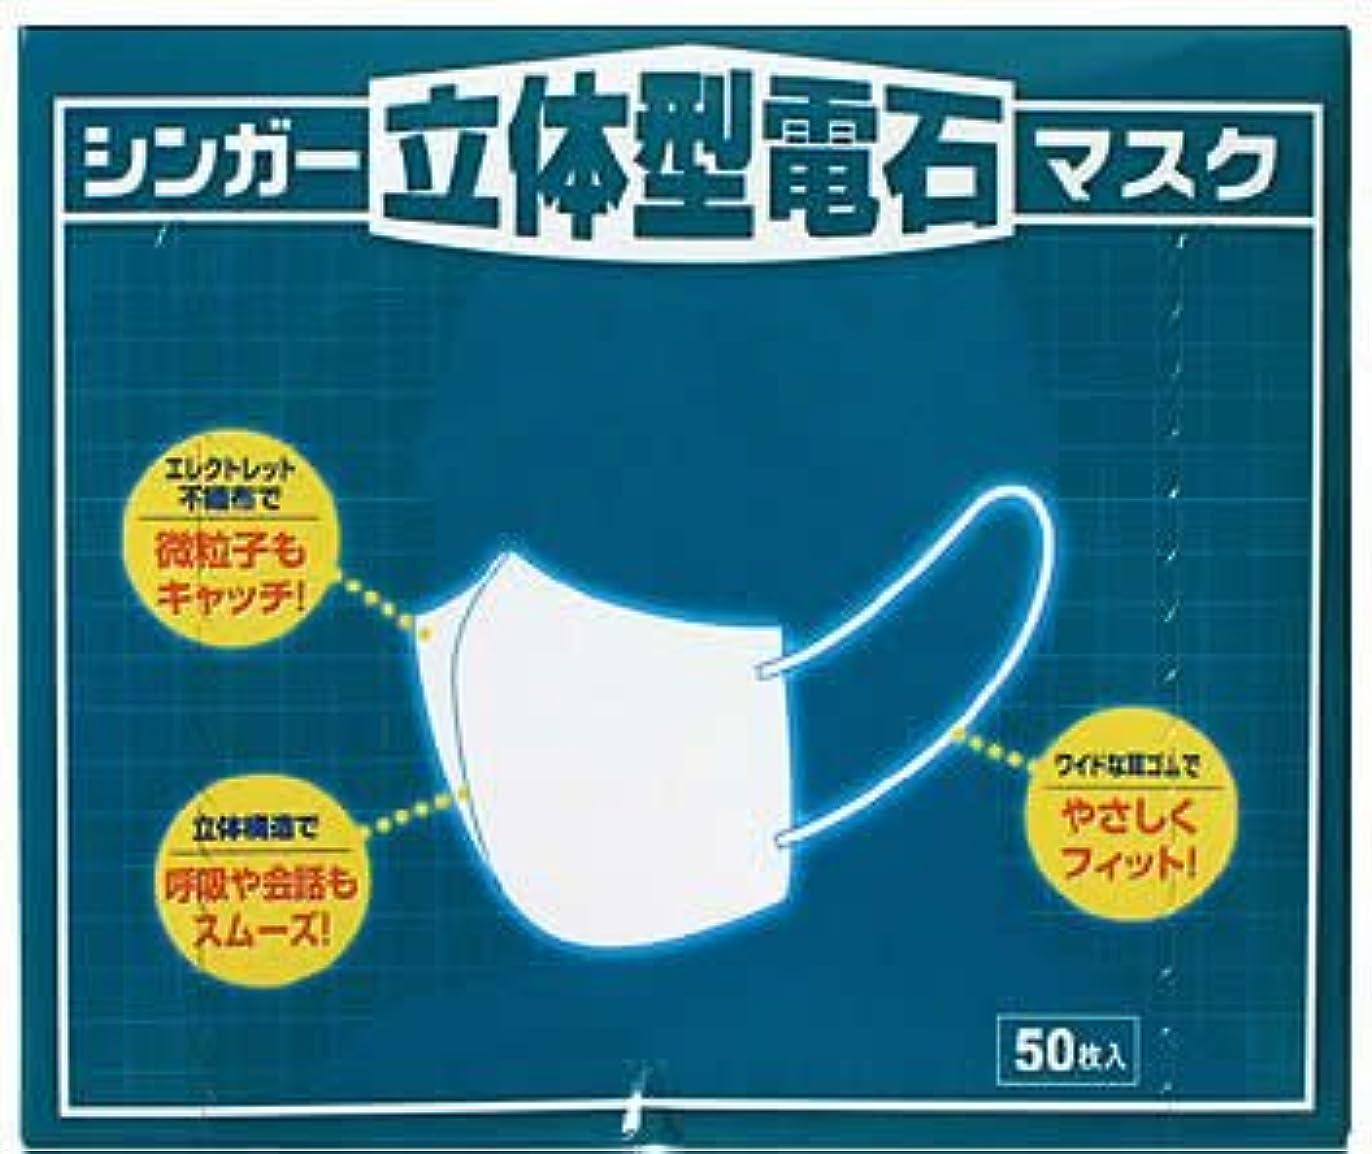 髄死腹宇都宮製作 シンガー立体型電石マスク(フリーサイズ) 50枚入